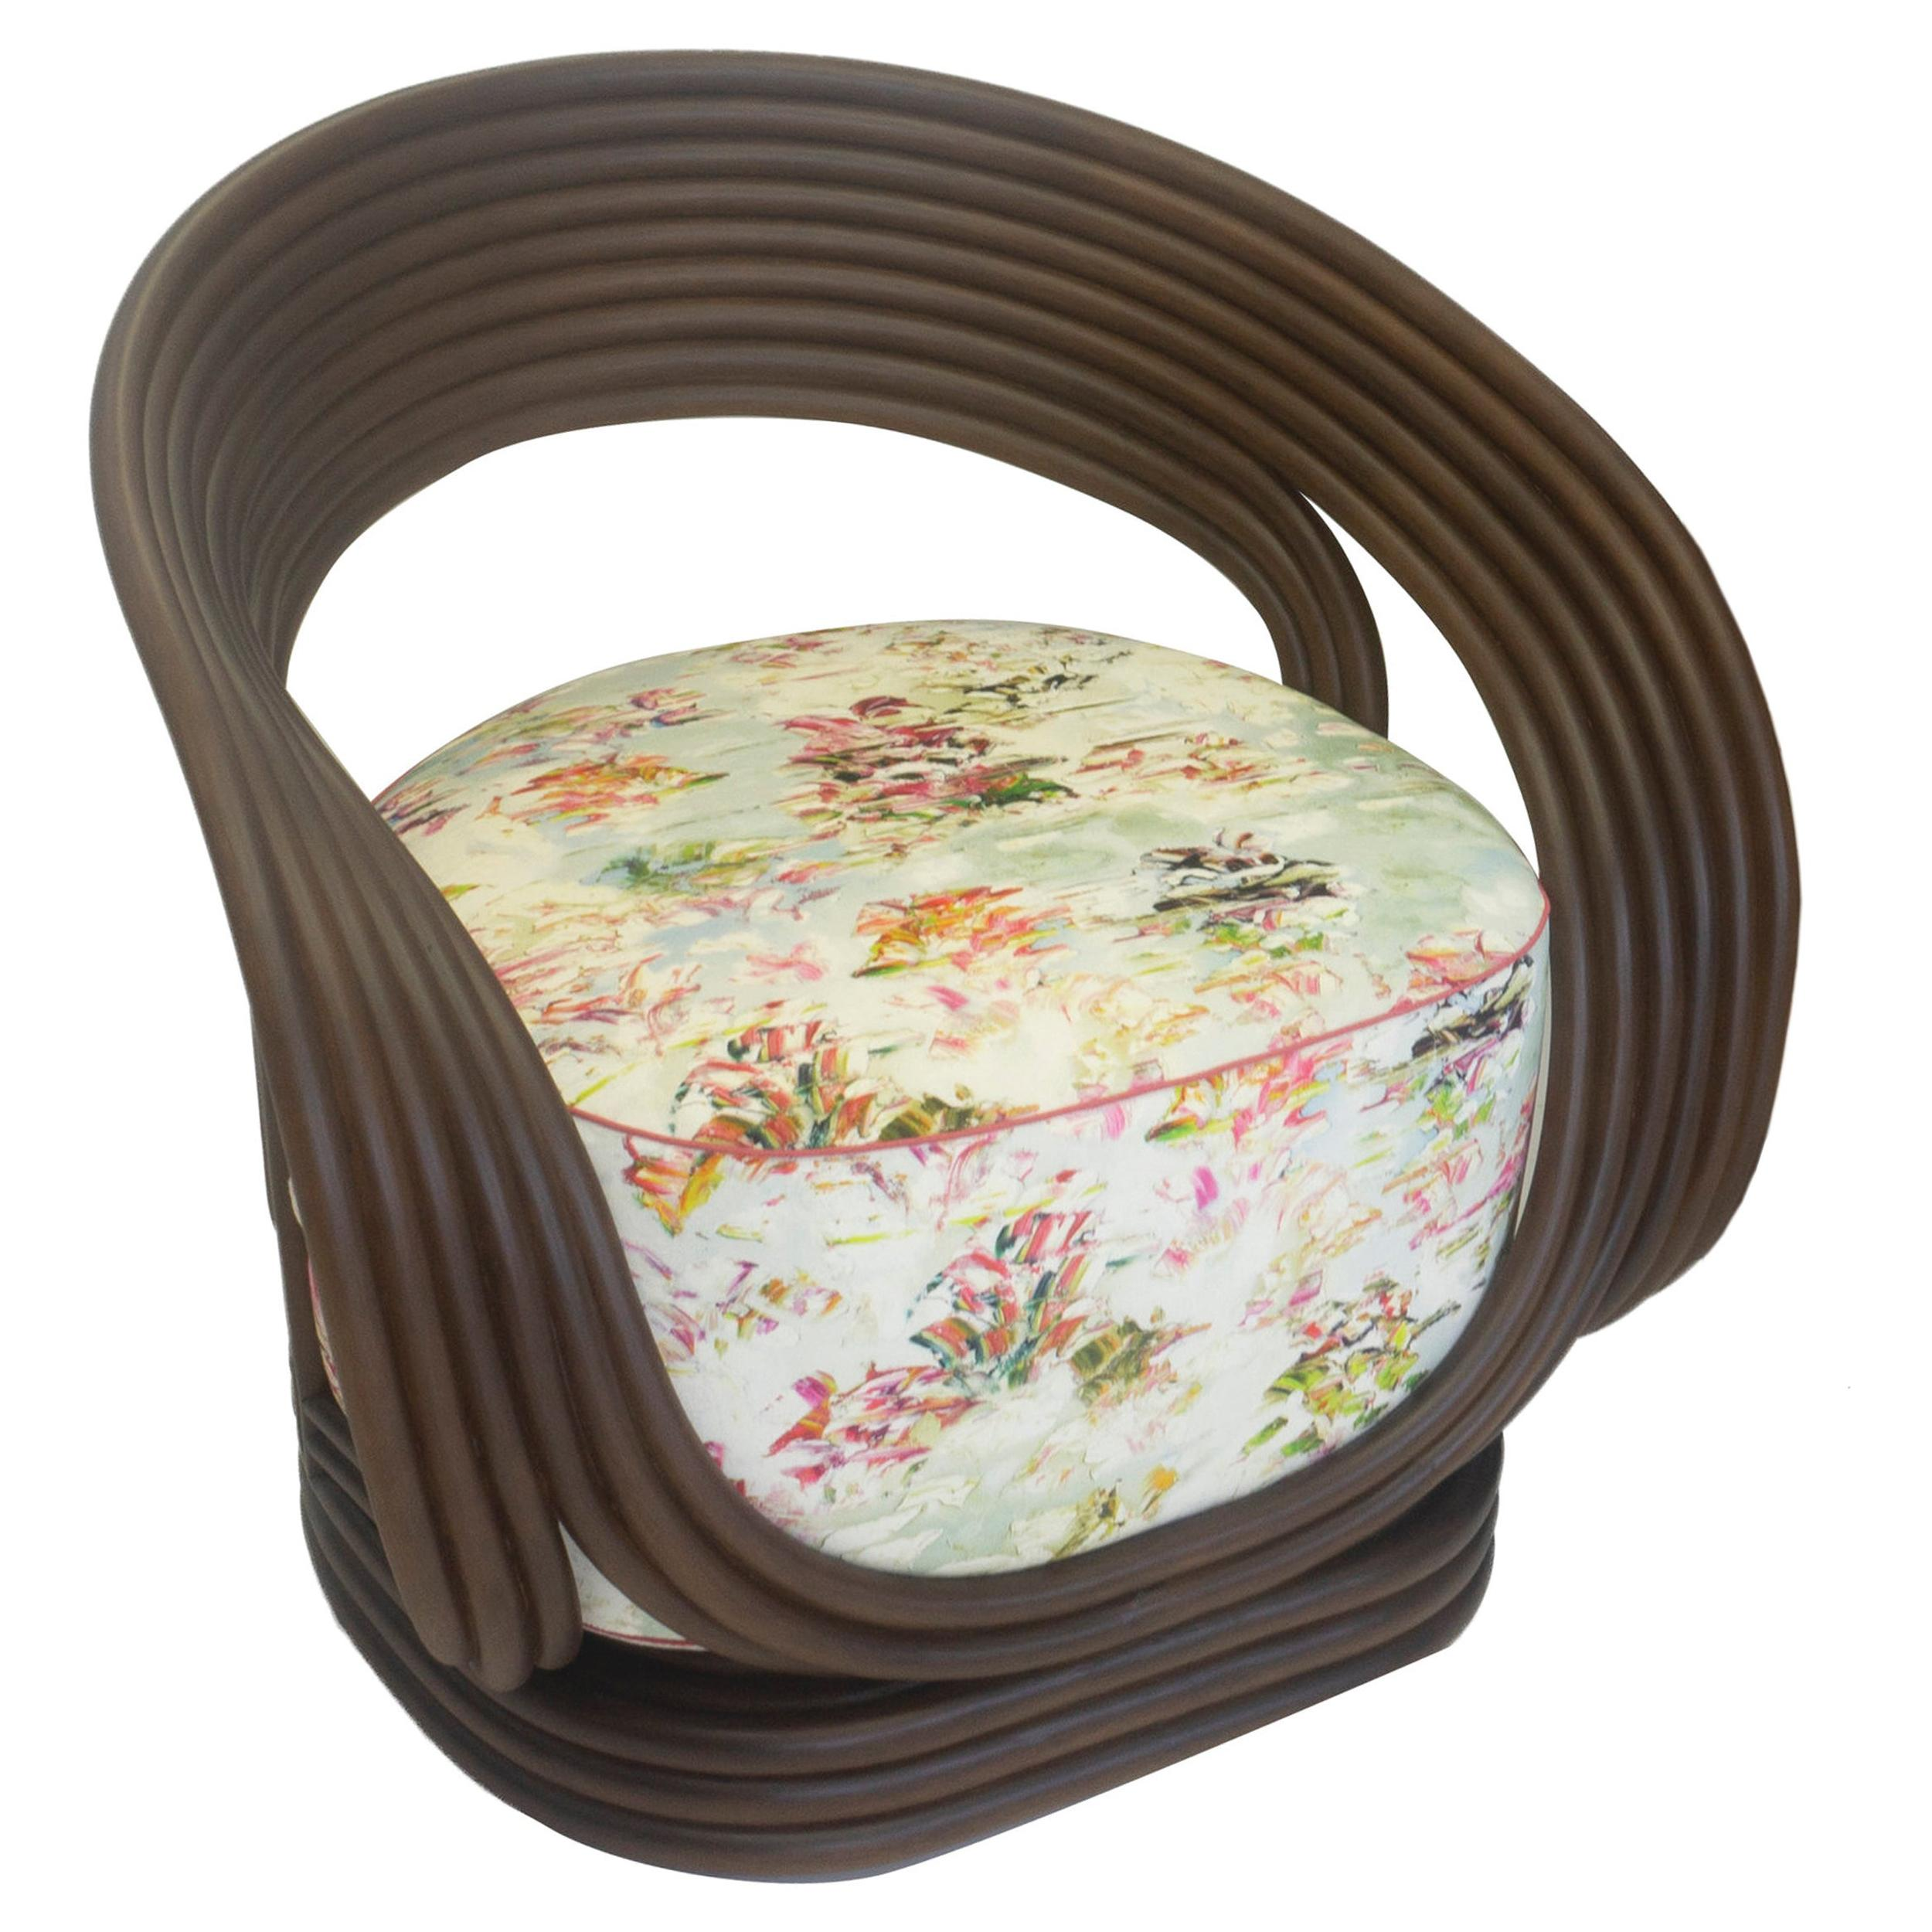 Modern Rattan Chair with Deep Round Cushion